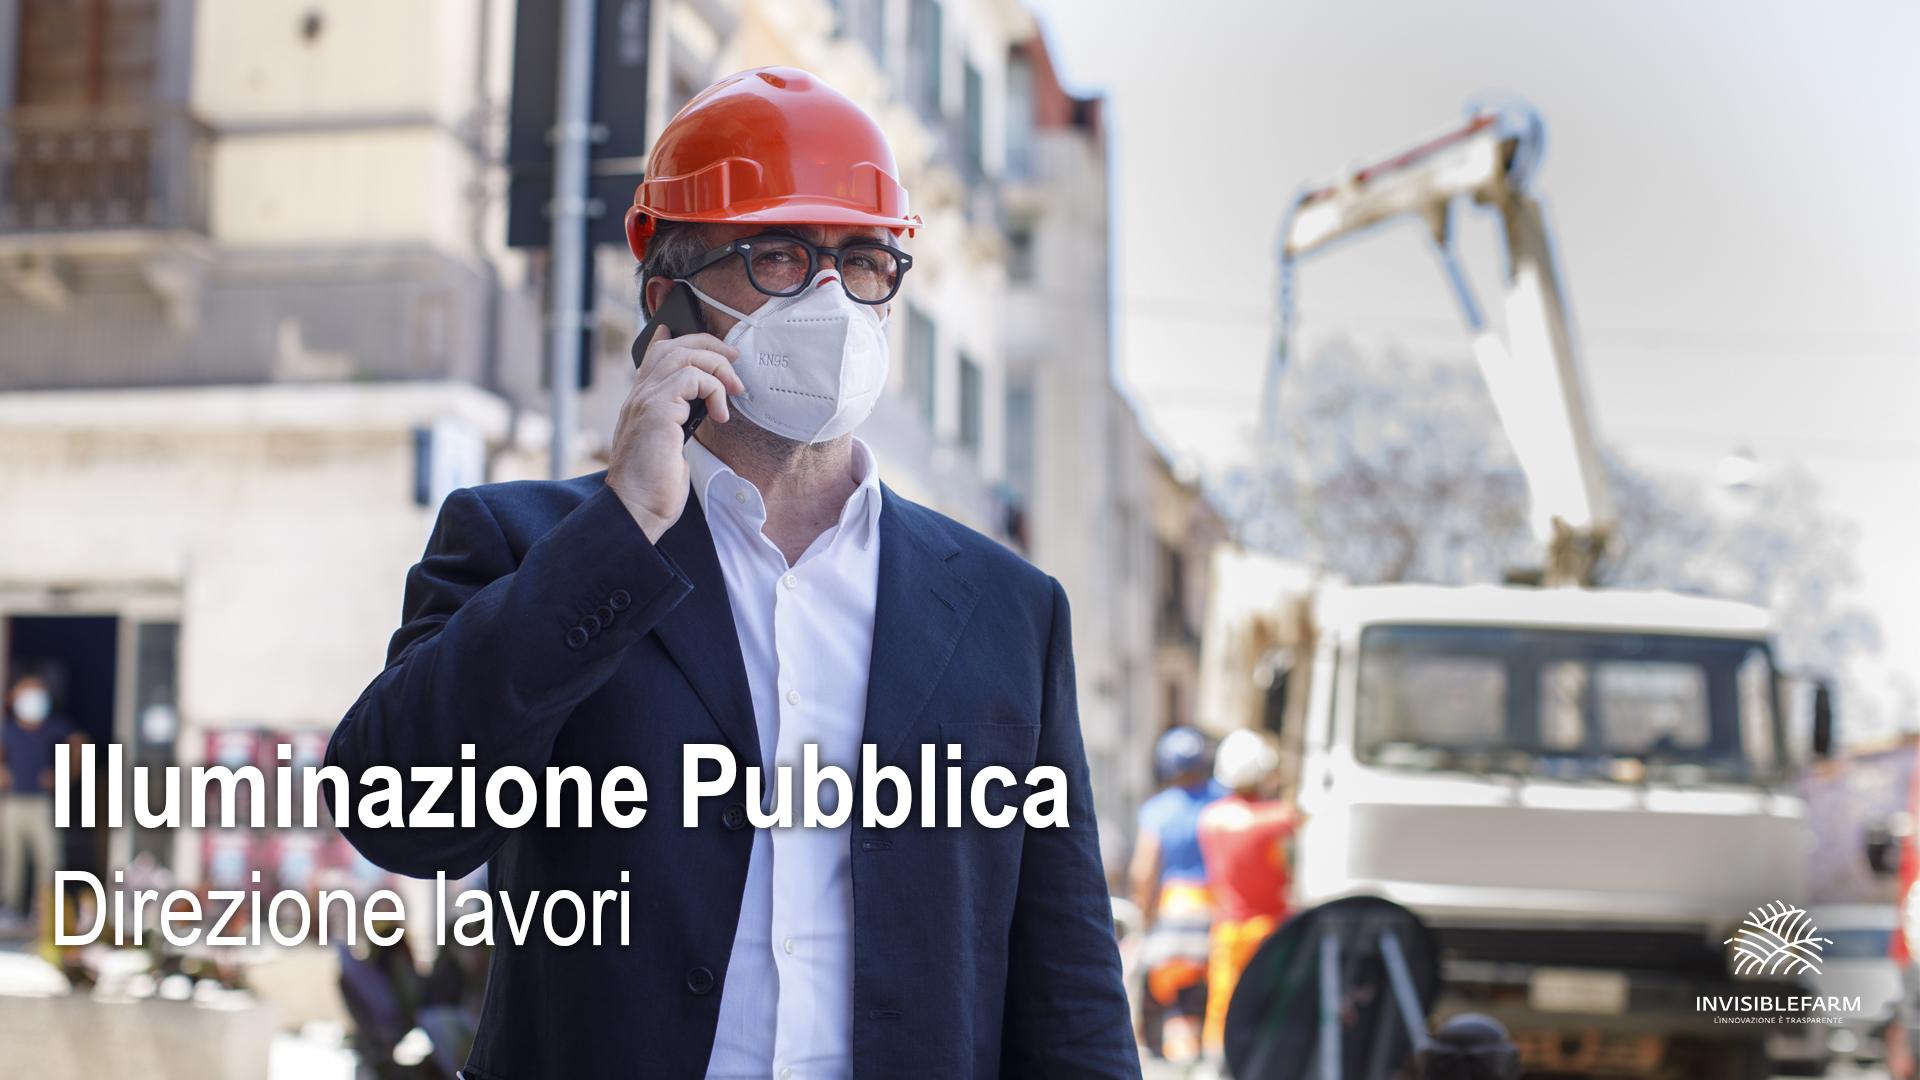 direzione-lavori-illuminazione-pubblica